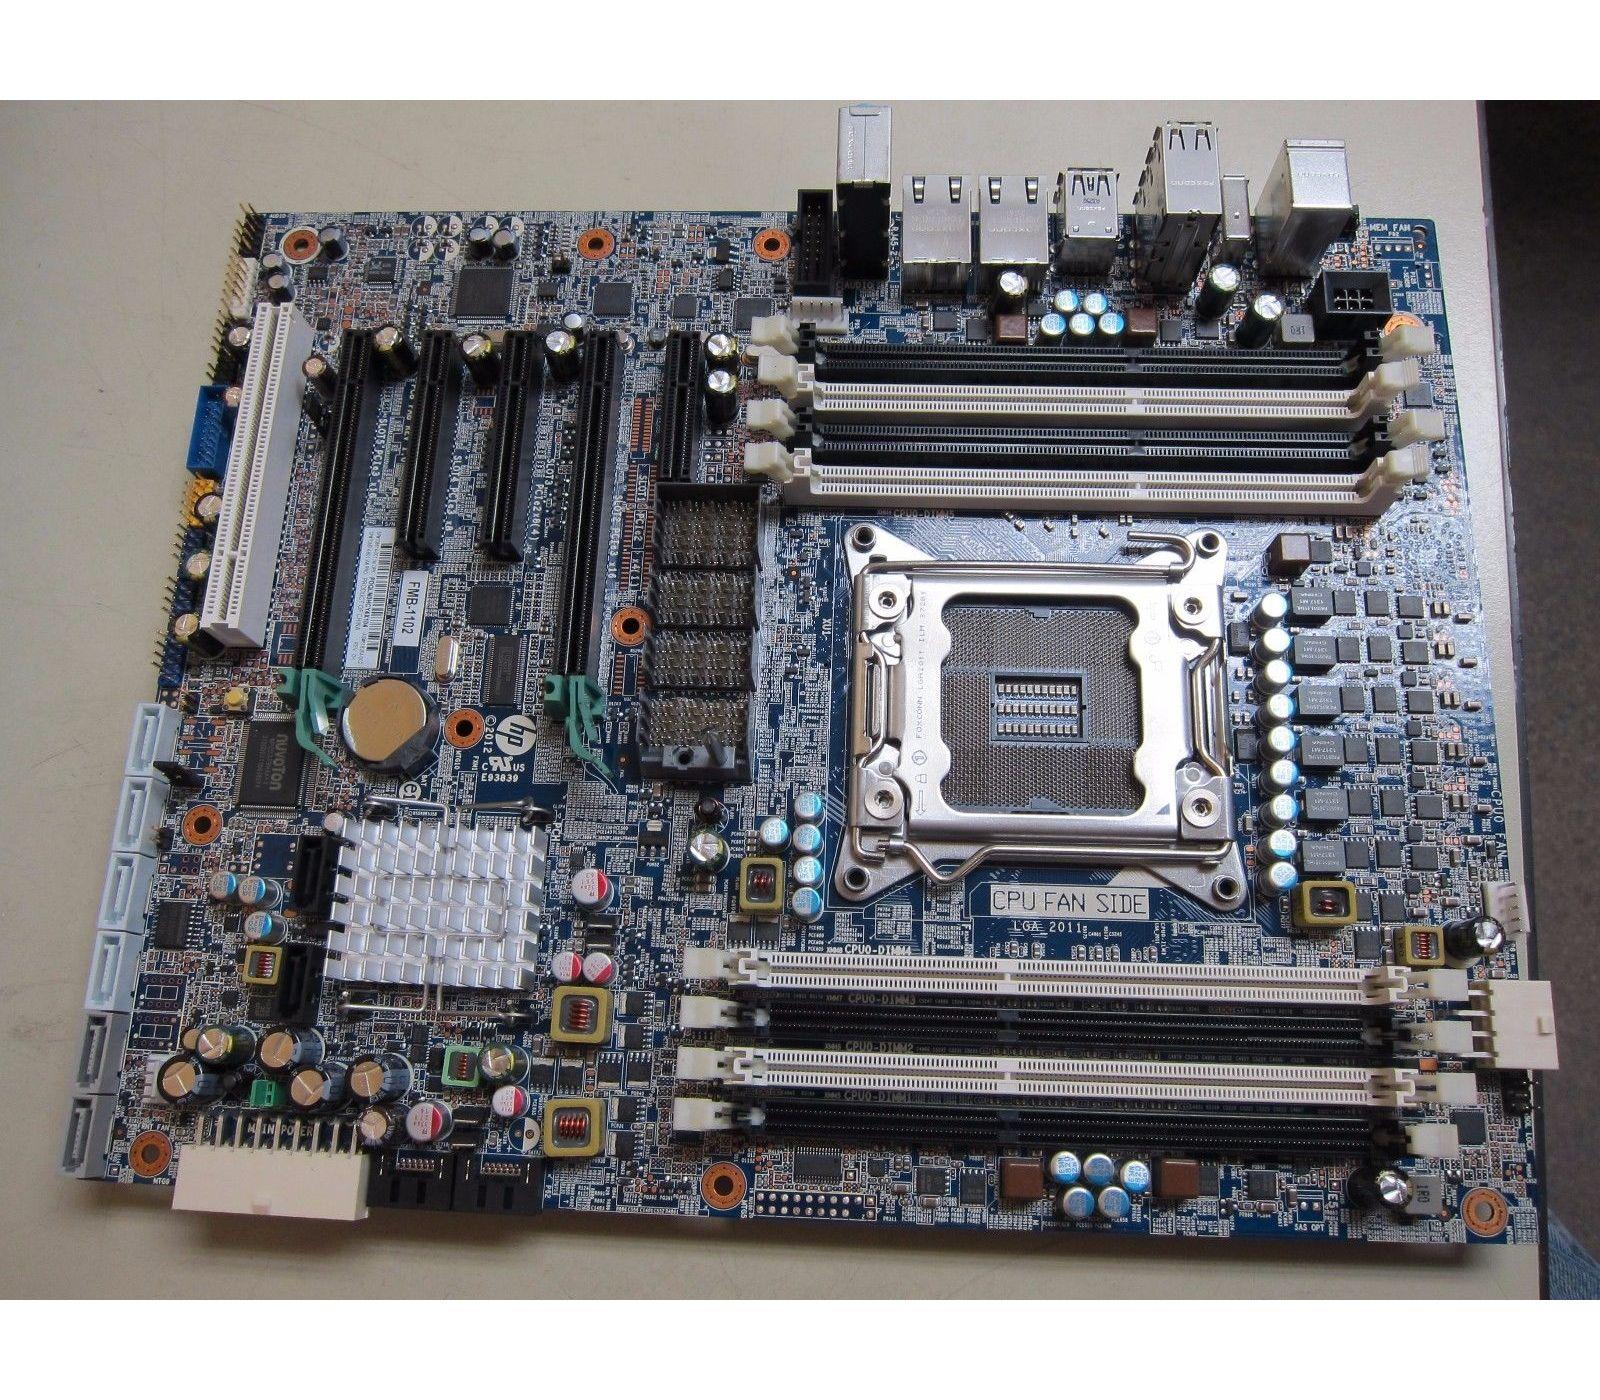 Refurbished Z620